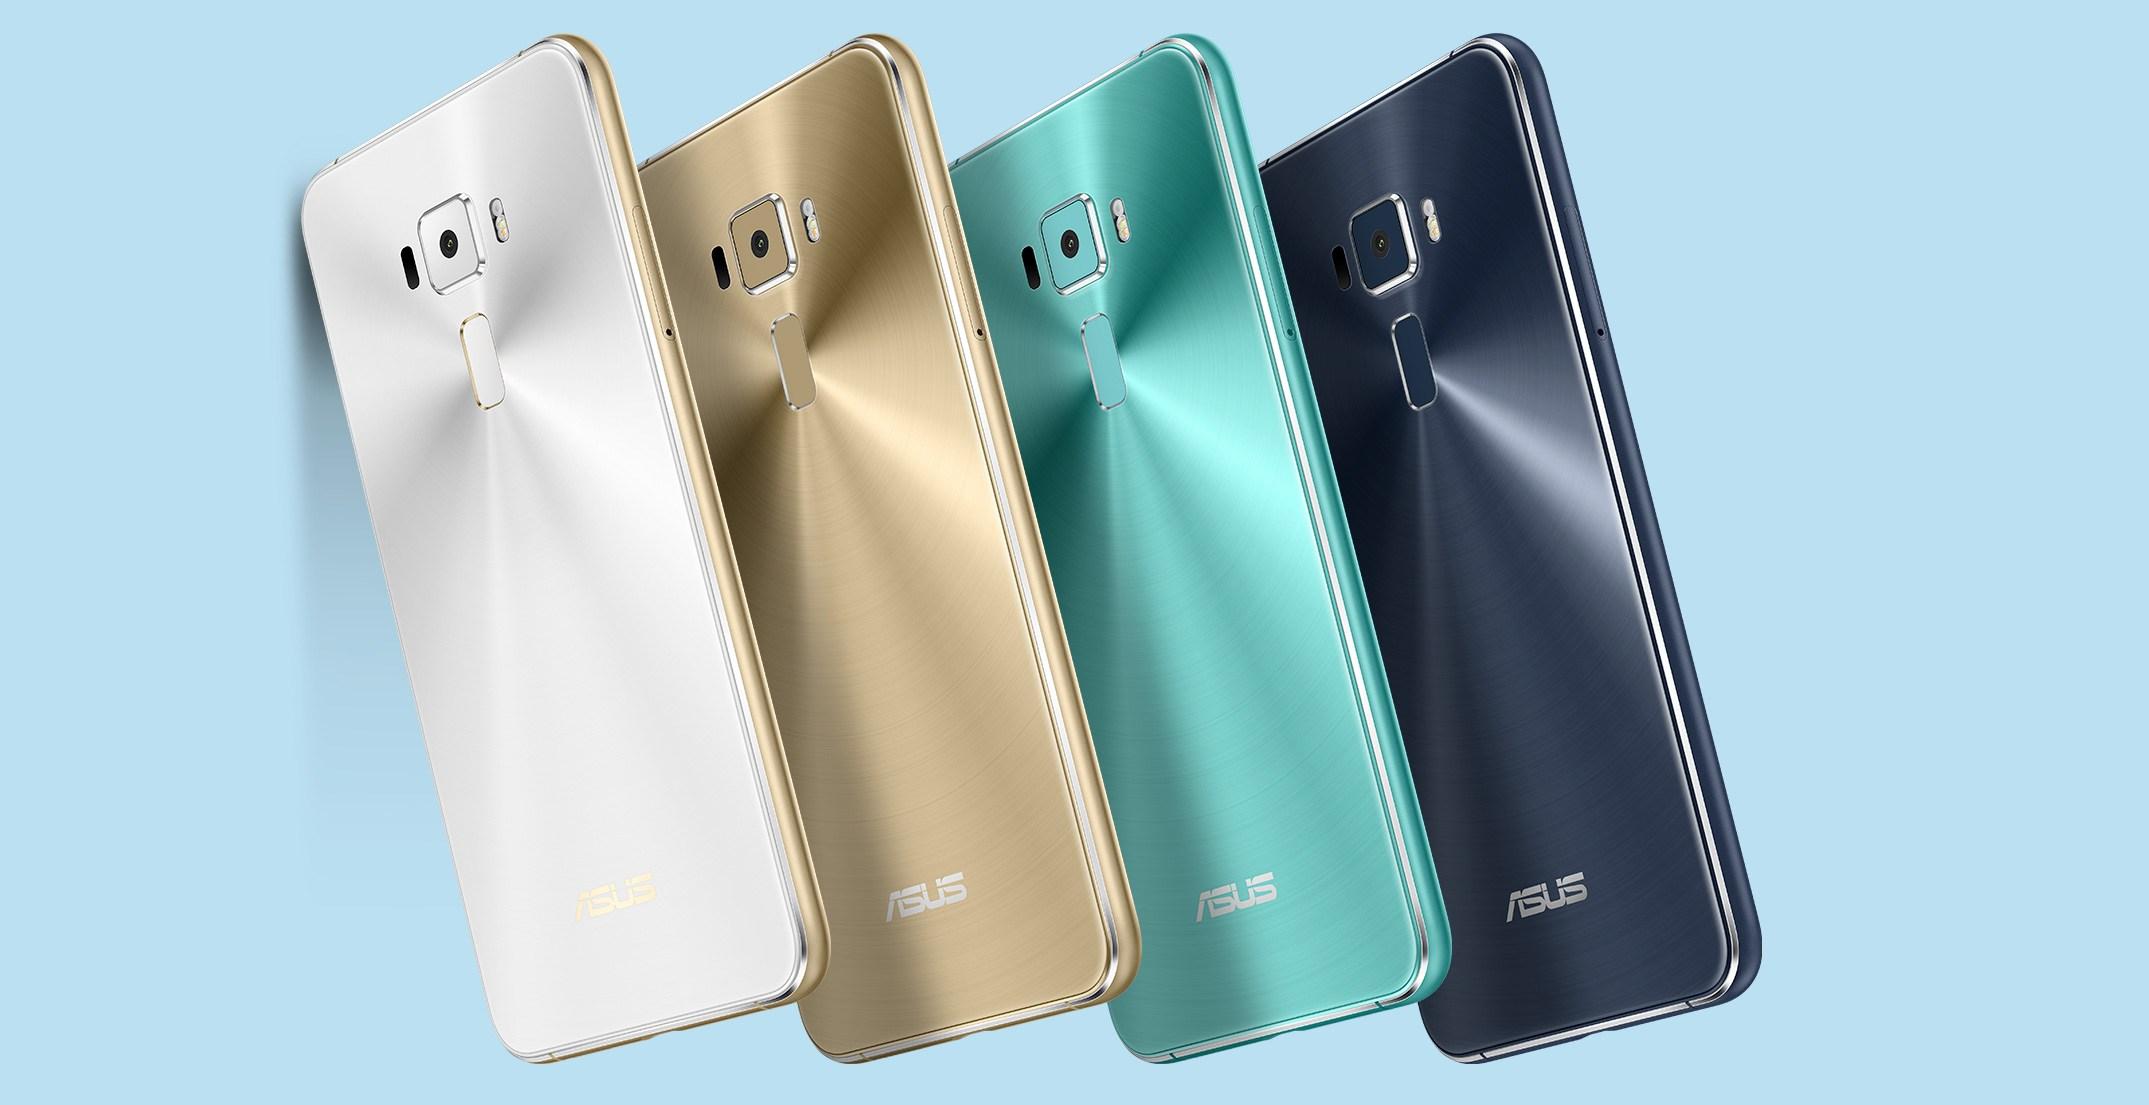 Zenfone 3 Ve Zenfone 3 Ultra Modelleri Geliyor !